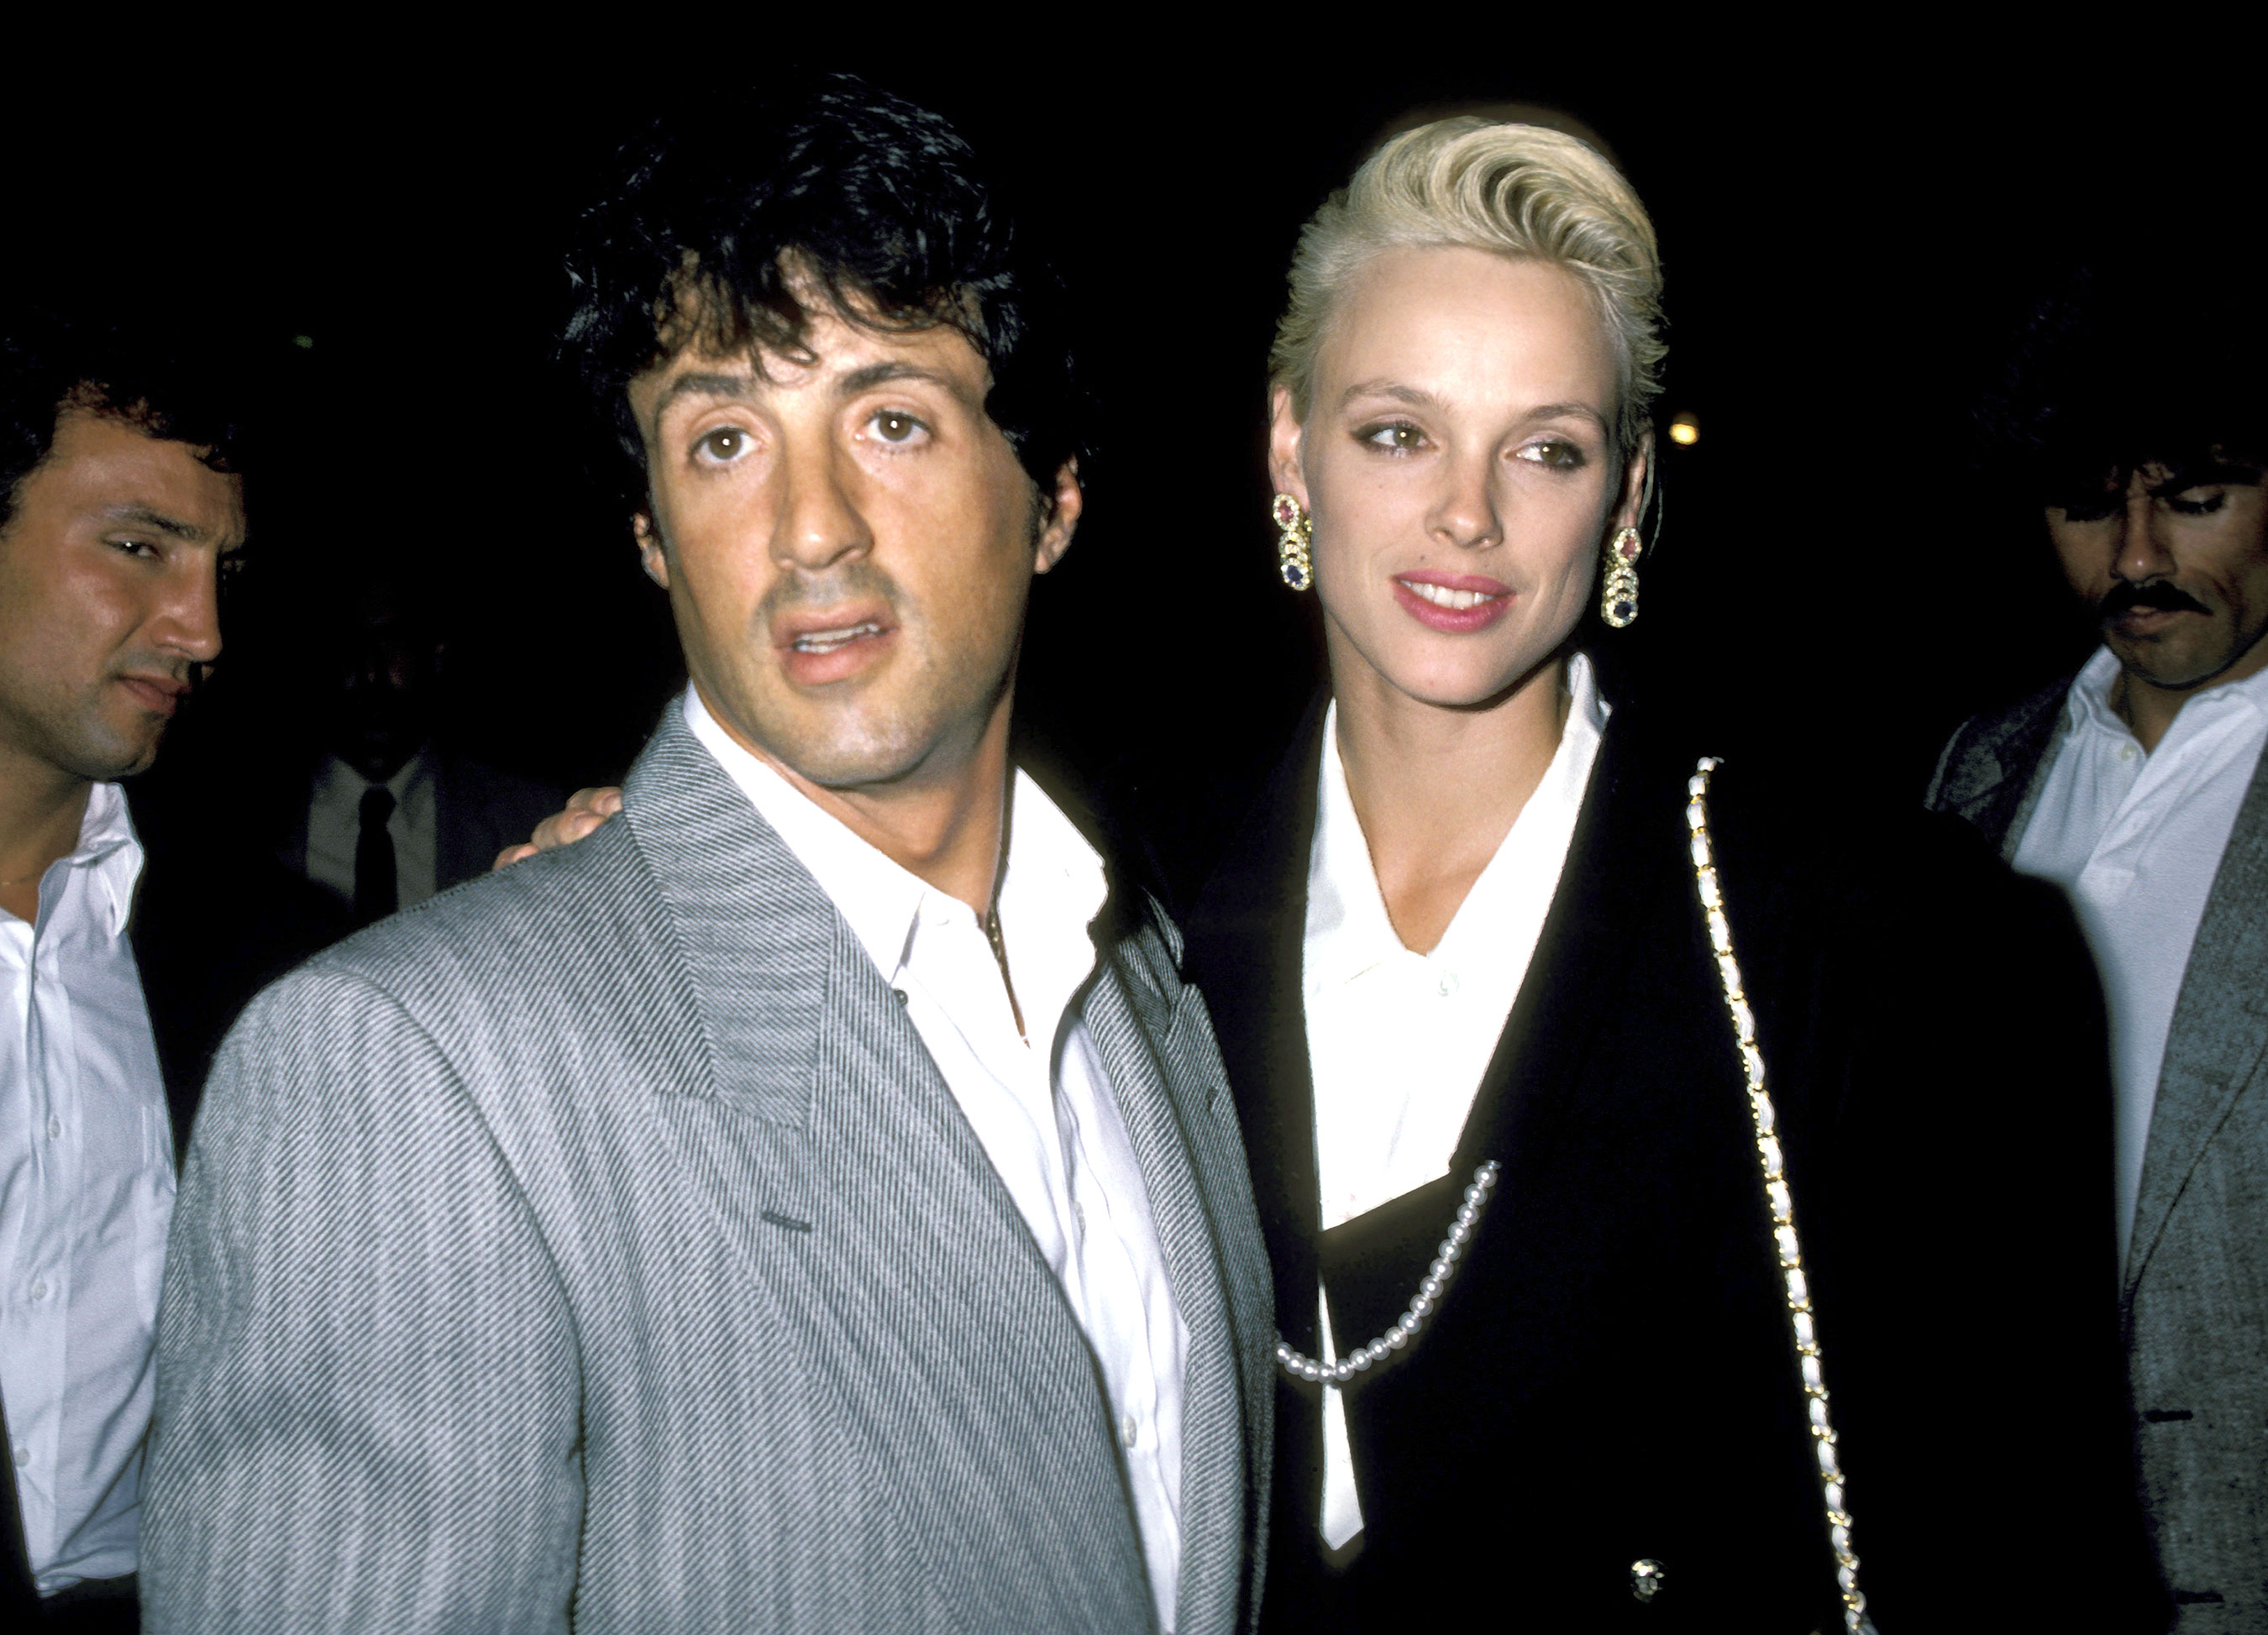 Brigitte Nielsen sul set con l'ex Sylvester Stallone: «Nessun imbarazzo, è stato piacevole»